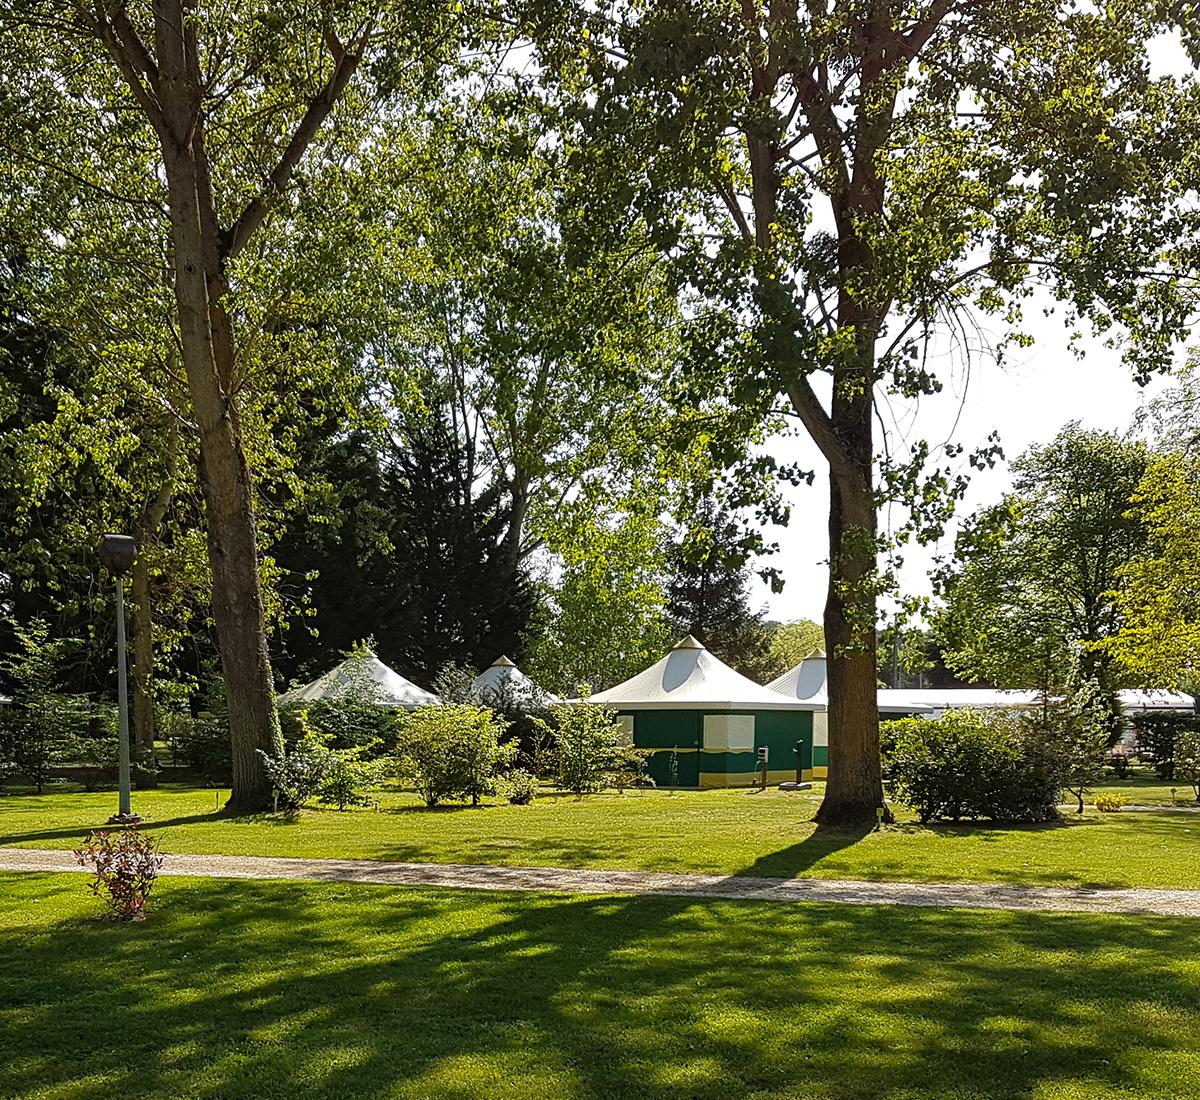 bungalow toile camping-loir-et-cher